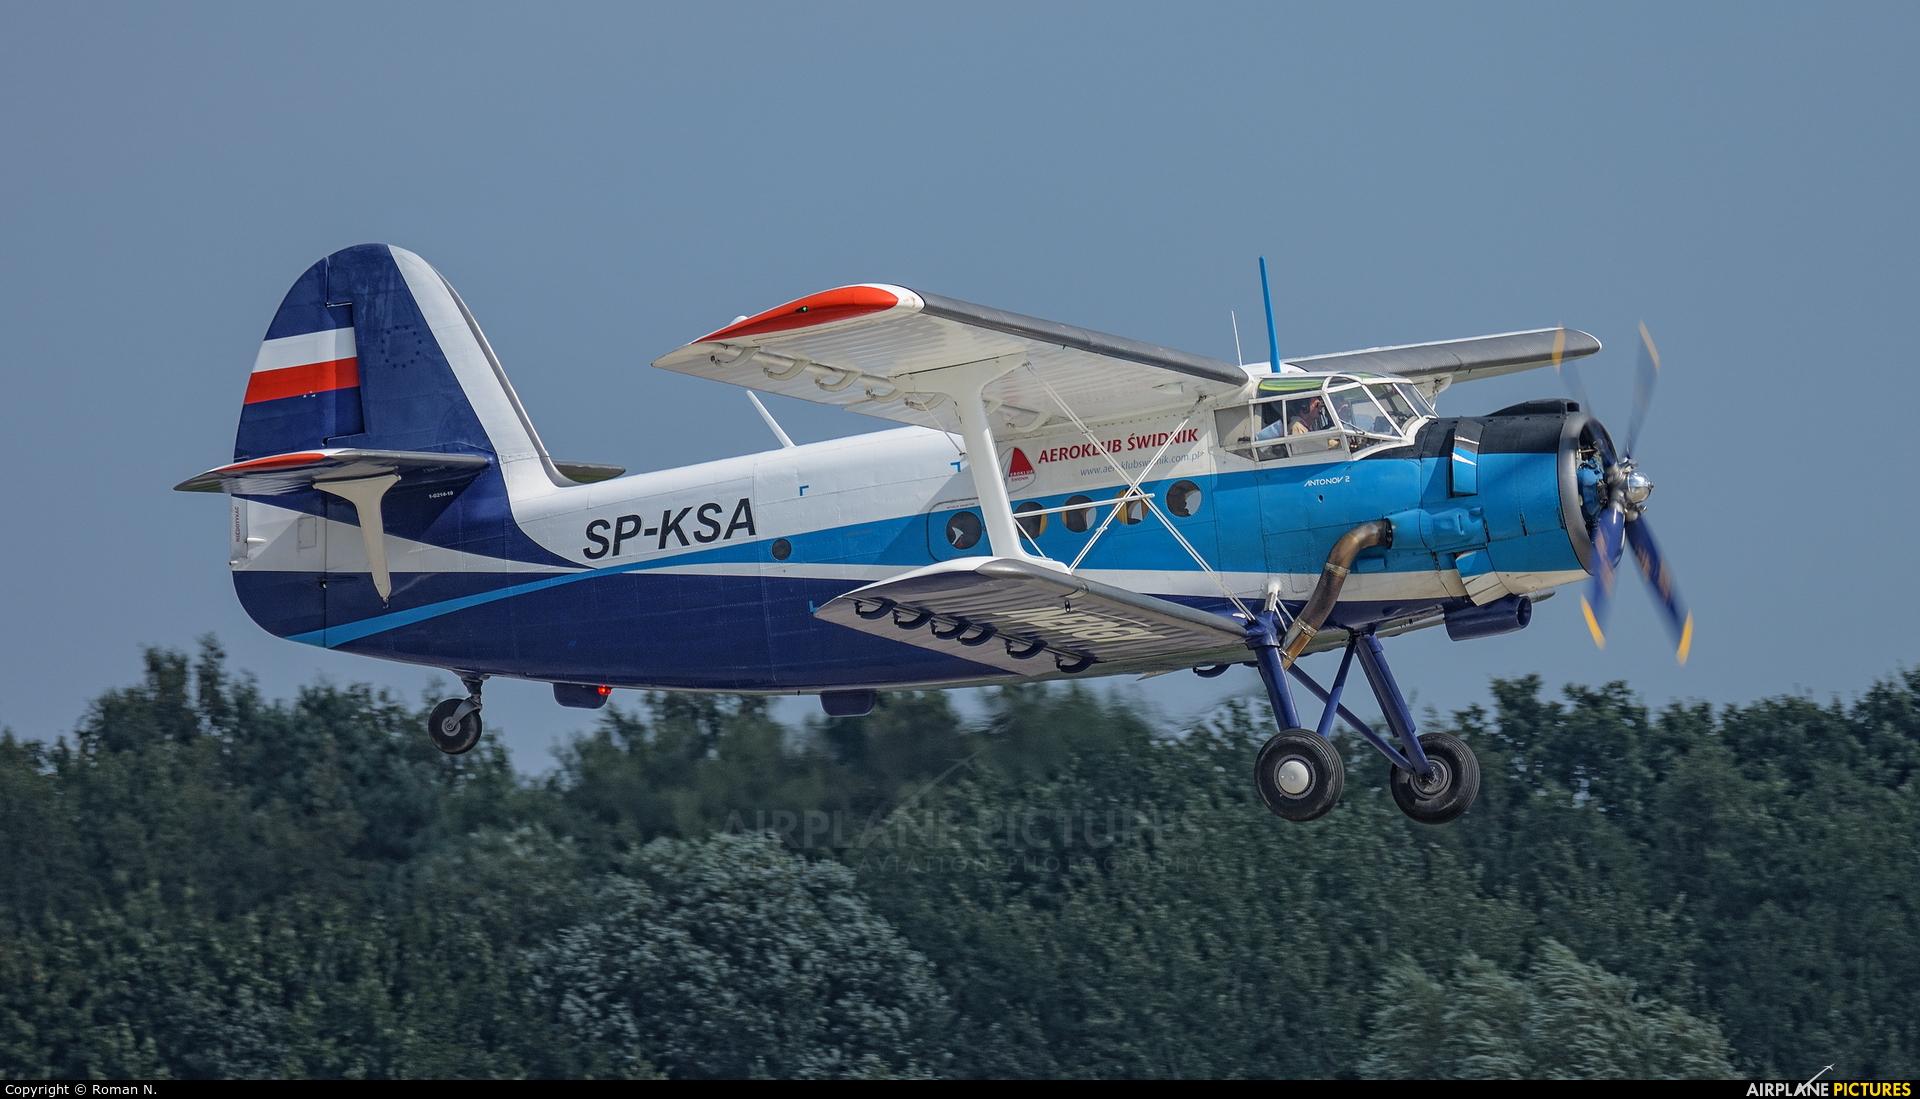 Aeroklub Świdnik SP-KSA aircraft at Gdynia- Babie Doły (Oksywie)